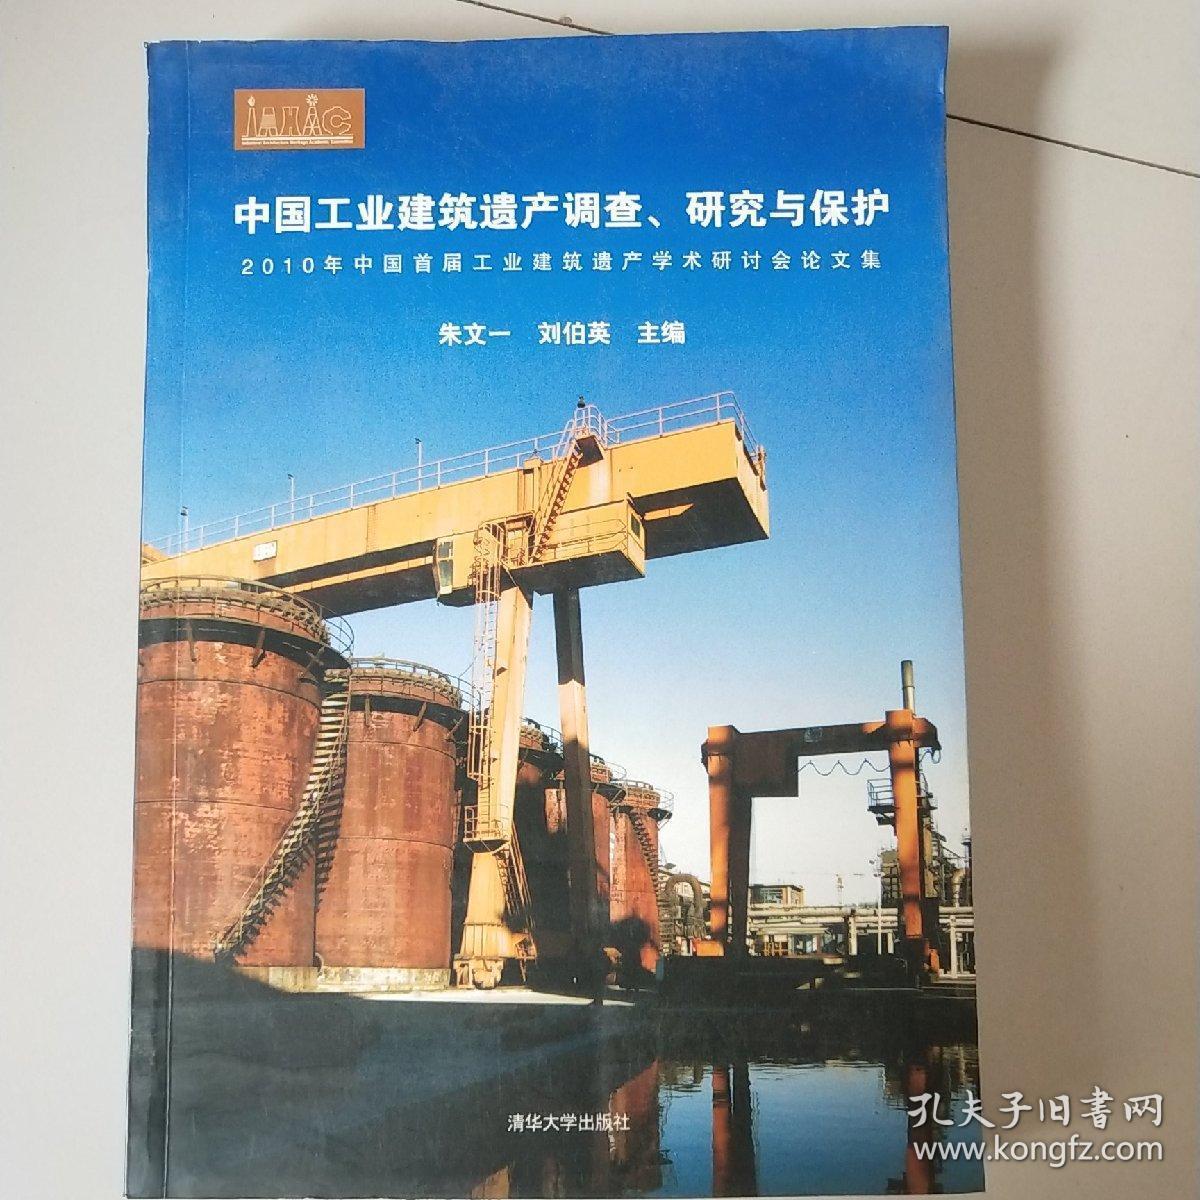 2010年中国首届工业建筑遗产学术研讨会论文集:中国工业建筑遗产调查研究与保护